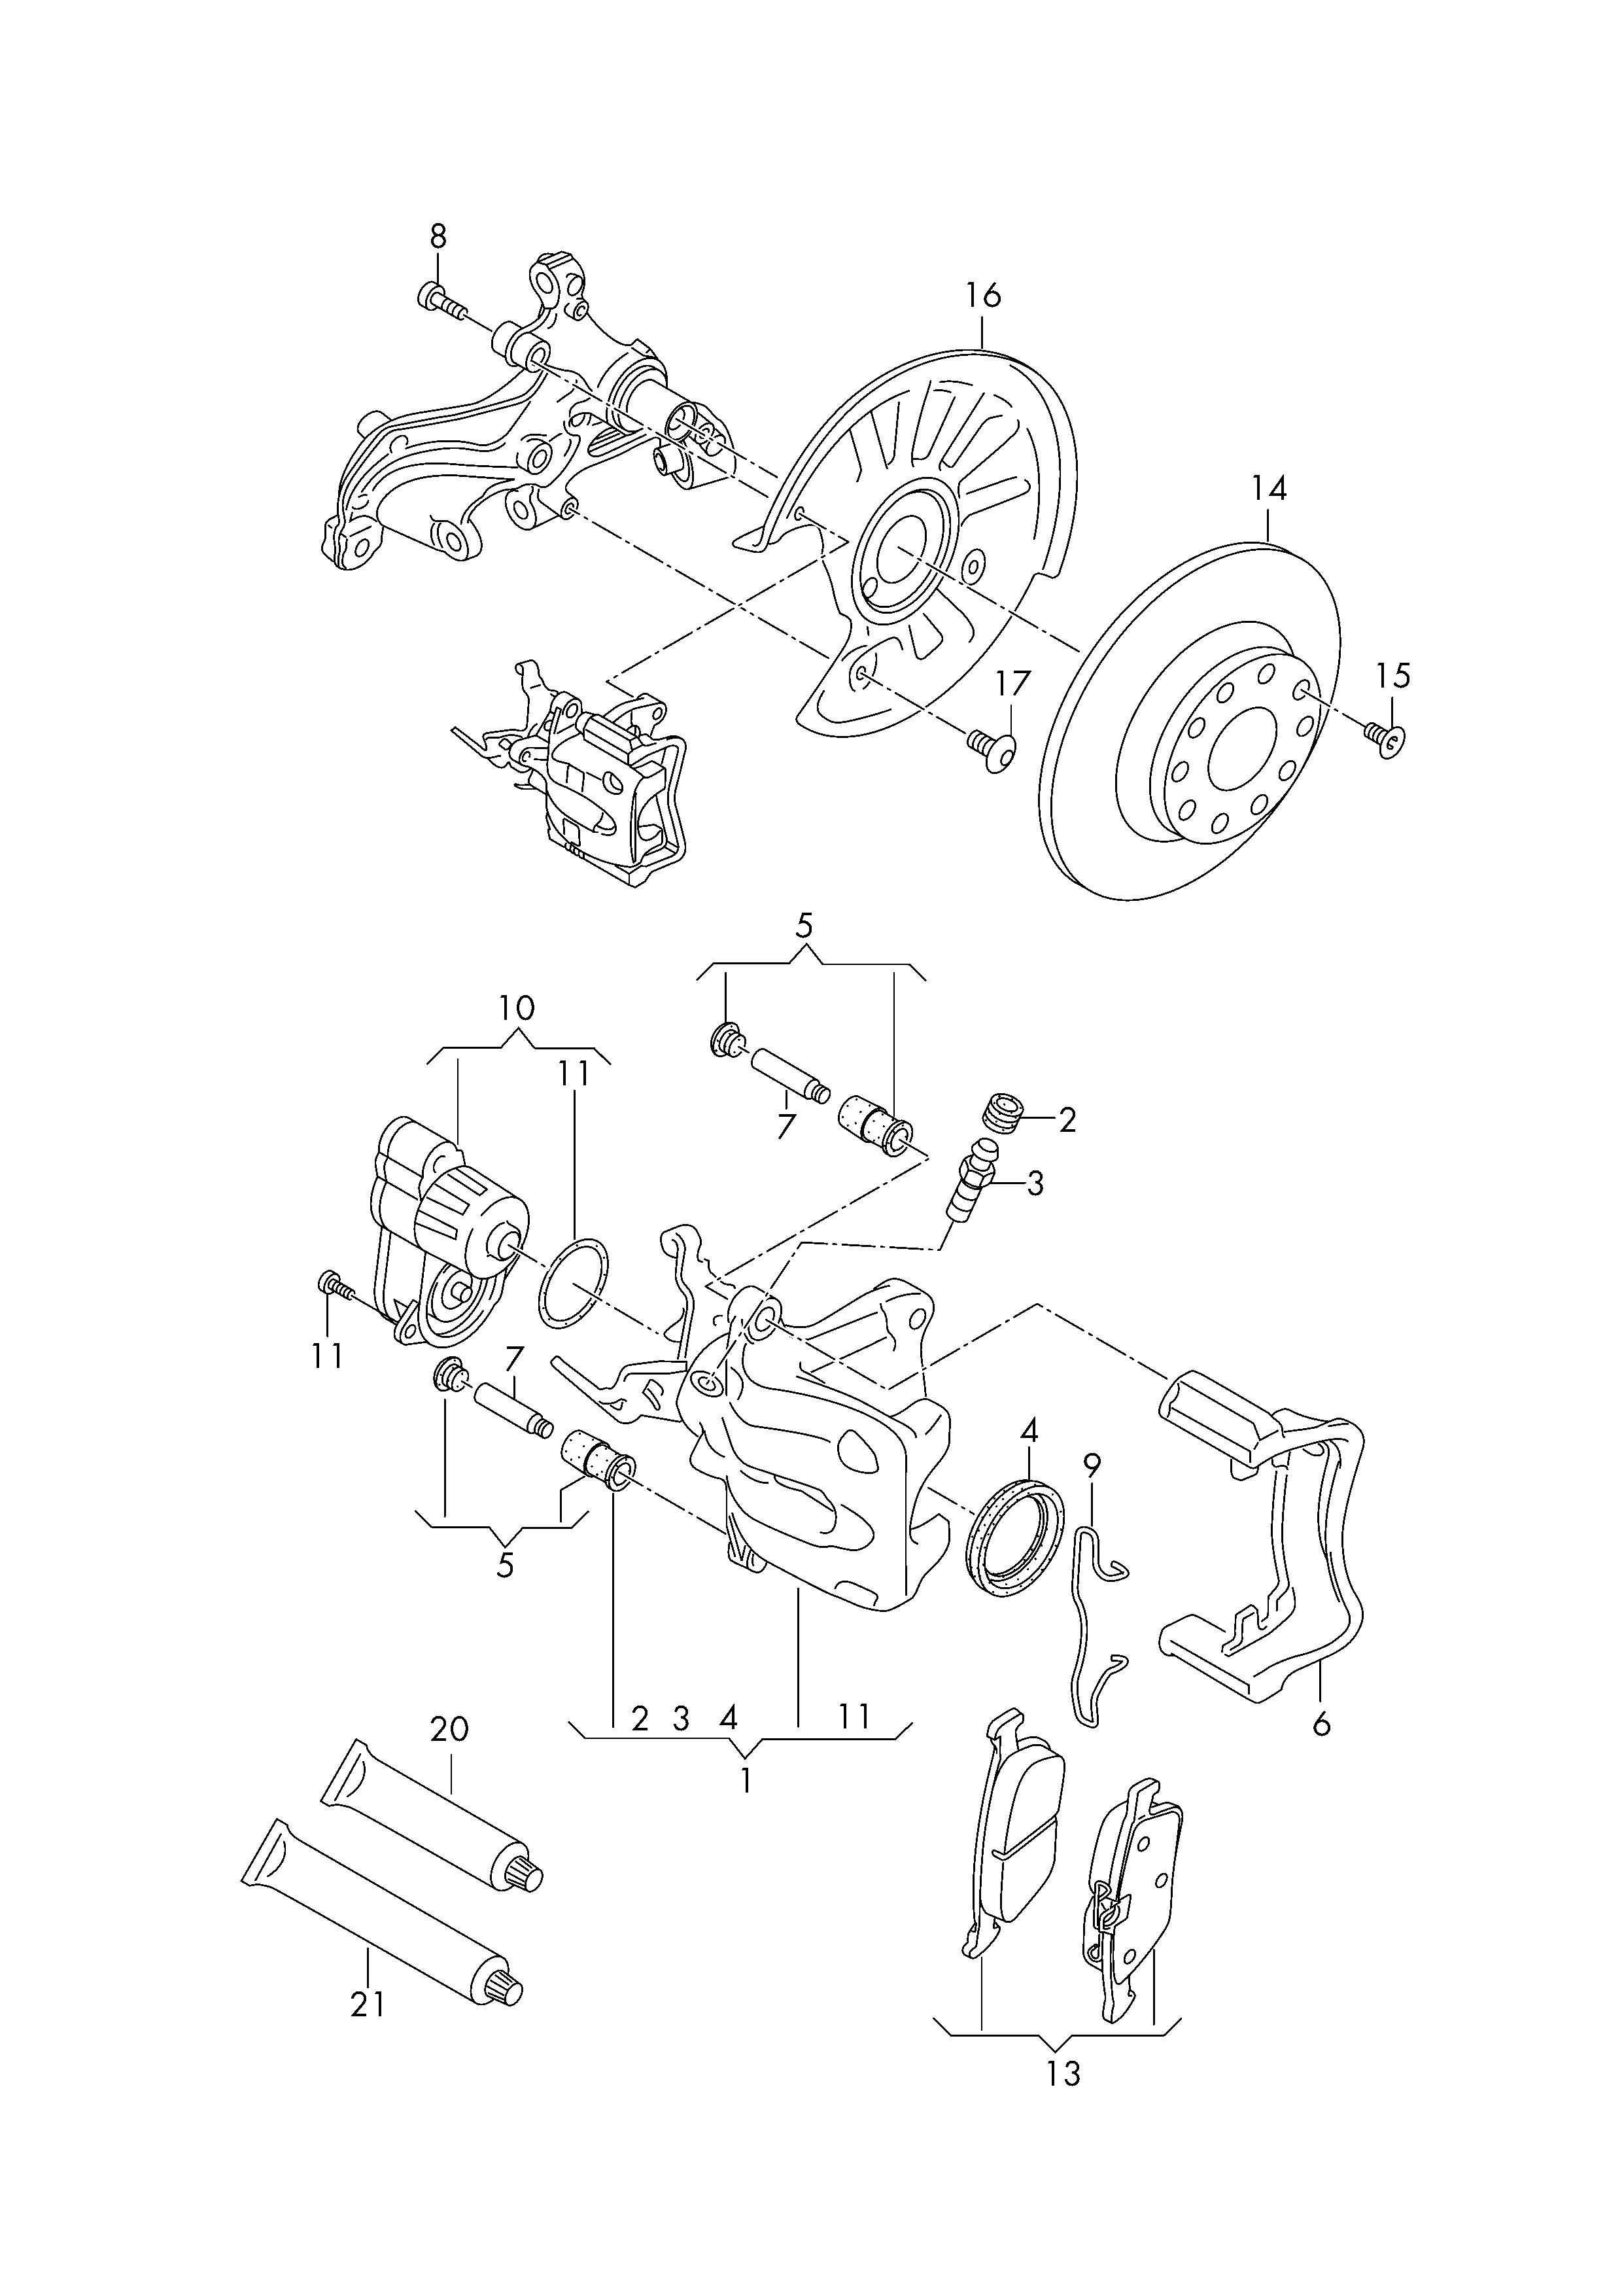 floating caliper brake  volkswagen touran (2016 - 2017) / vag etka